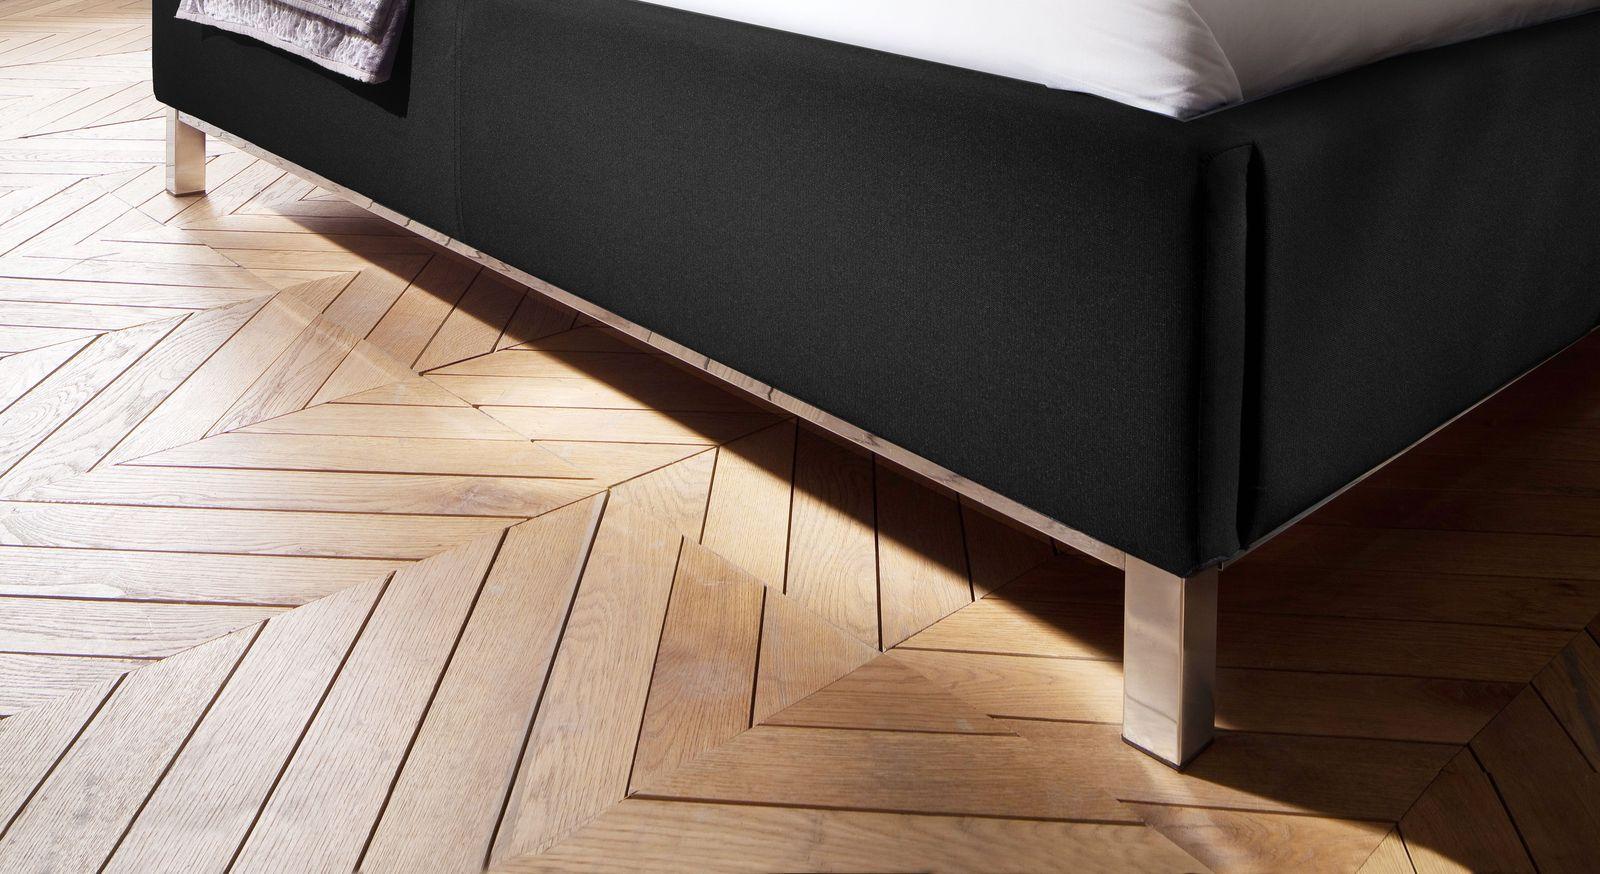 Bett Pertuso mit Bettbeinen und Unterleisten aus Metall